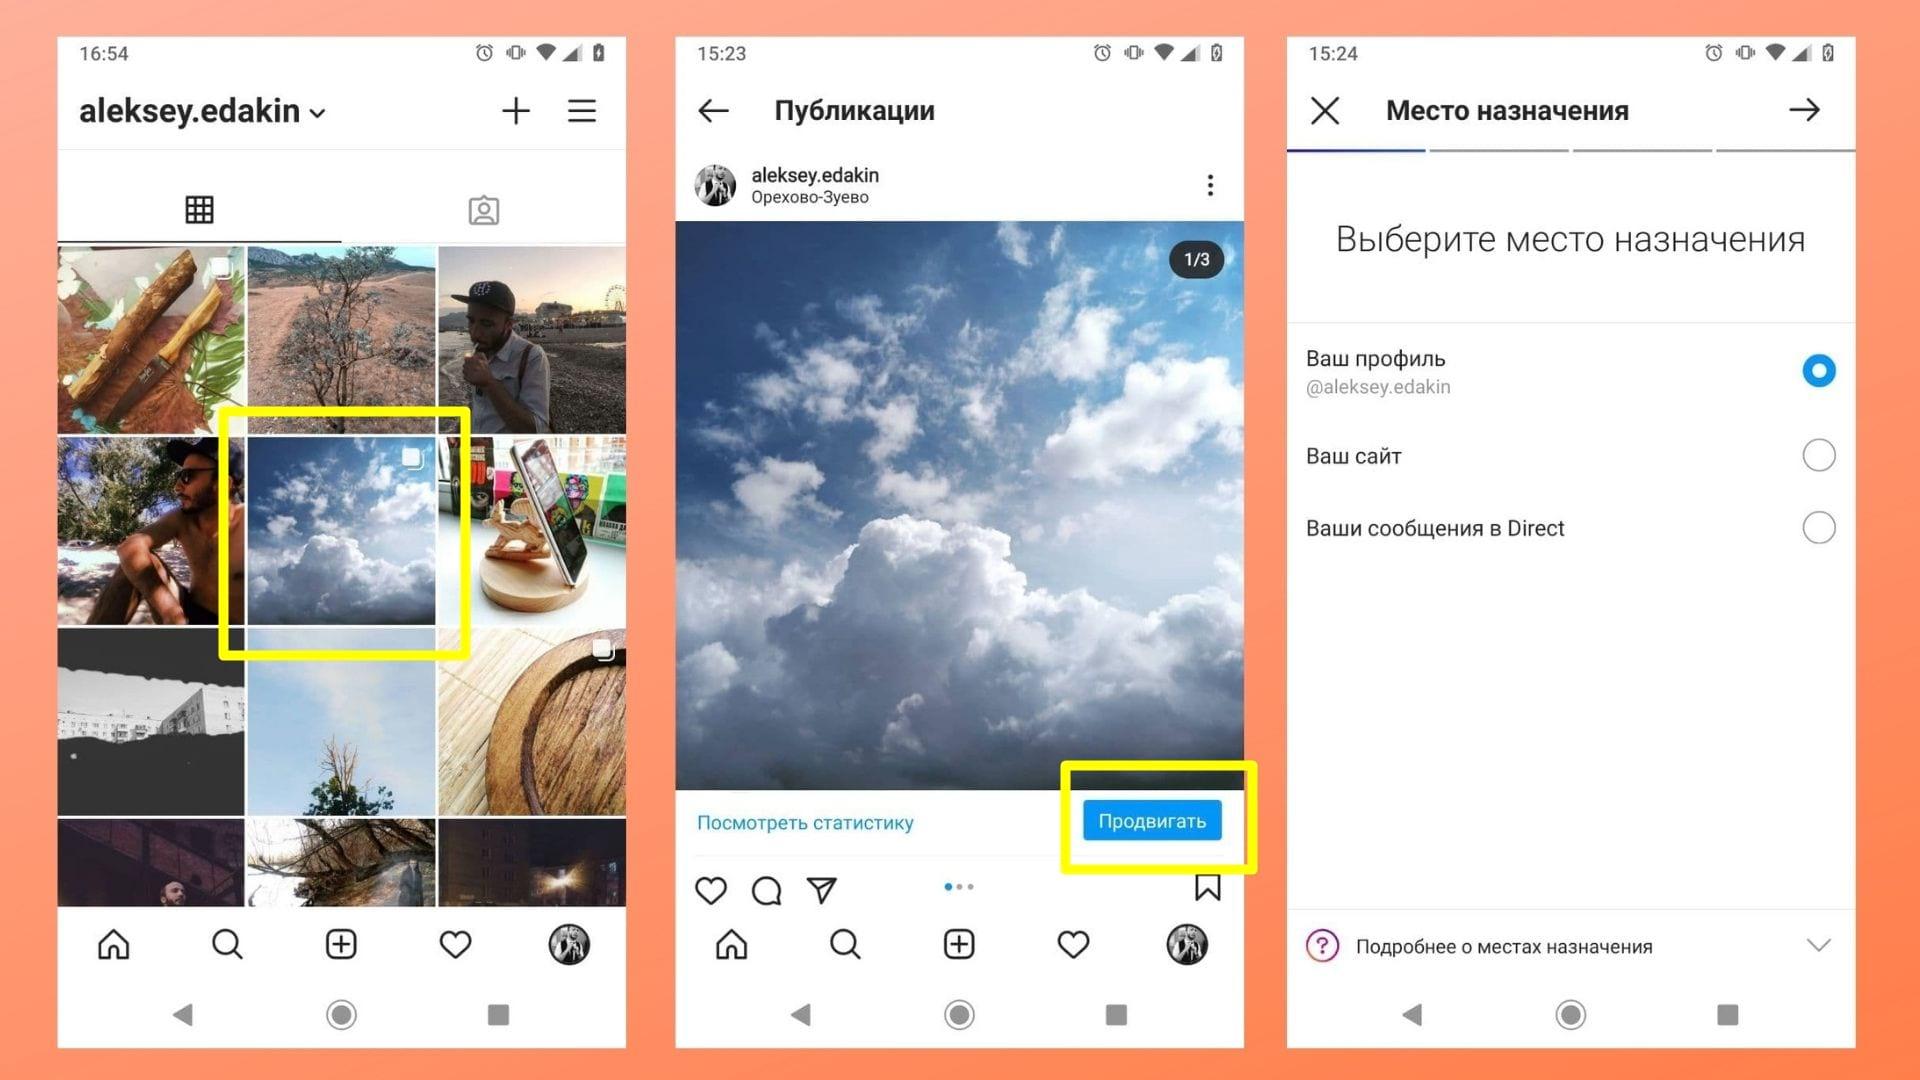 Как запустить рекламу на пост в Инстаграм